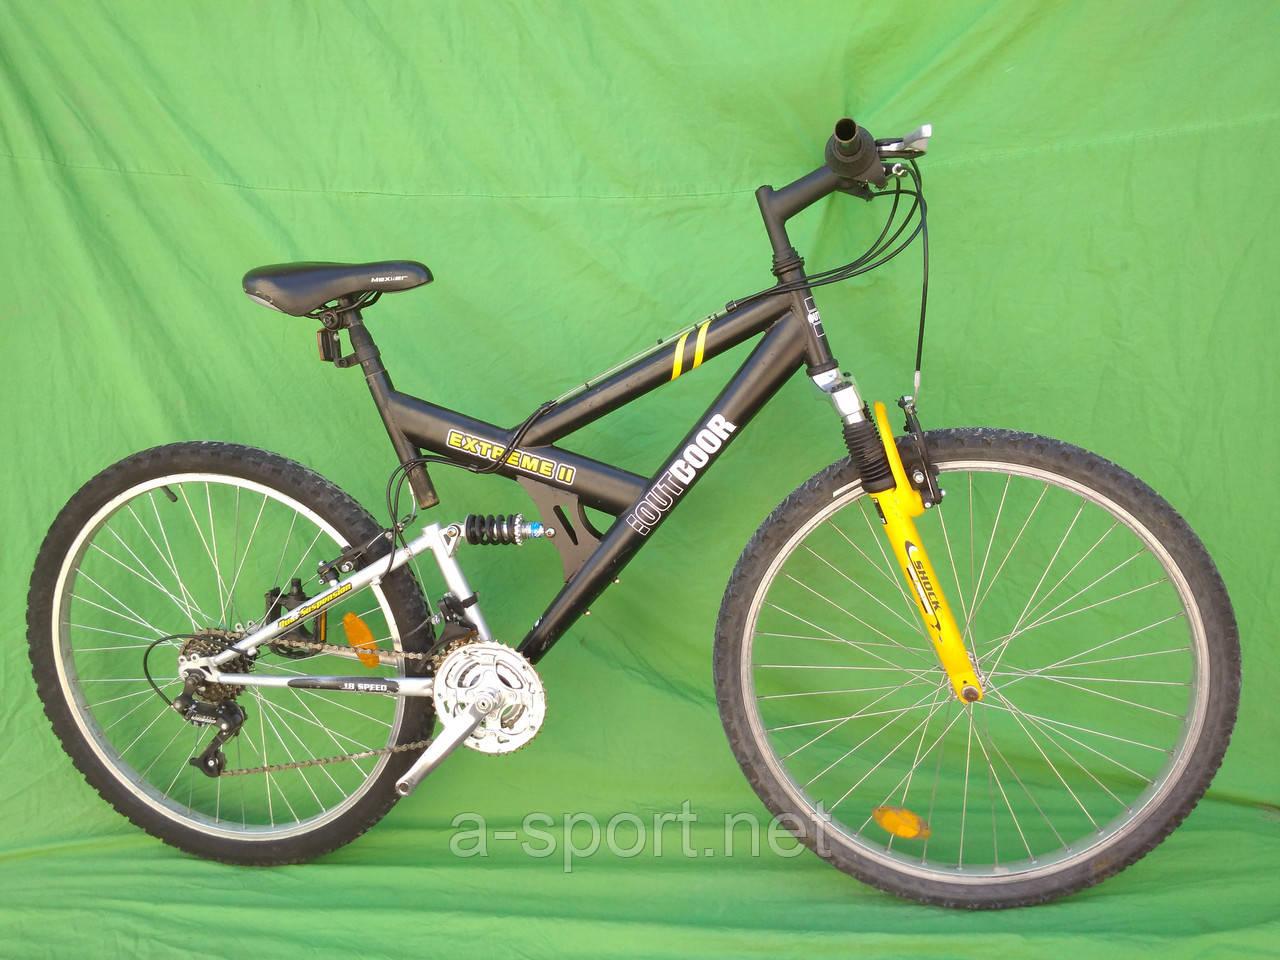 Гірський велосипед , двохпідвіс Outdoor